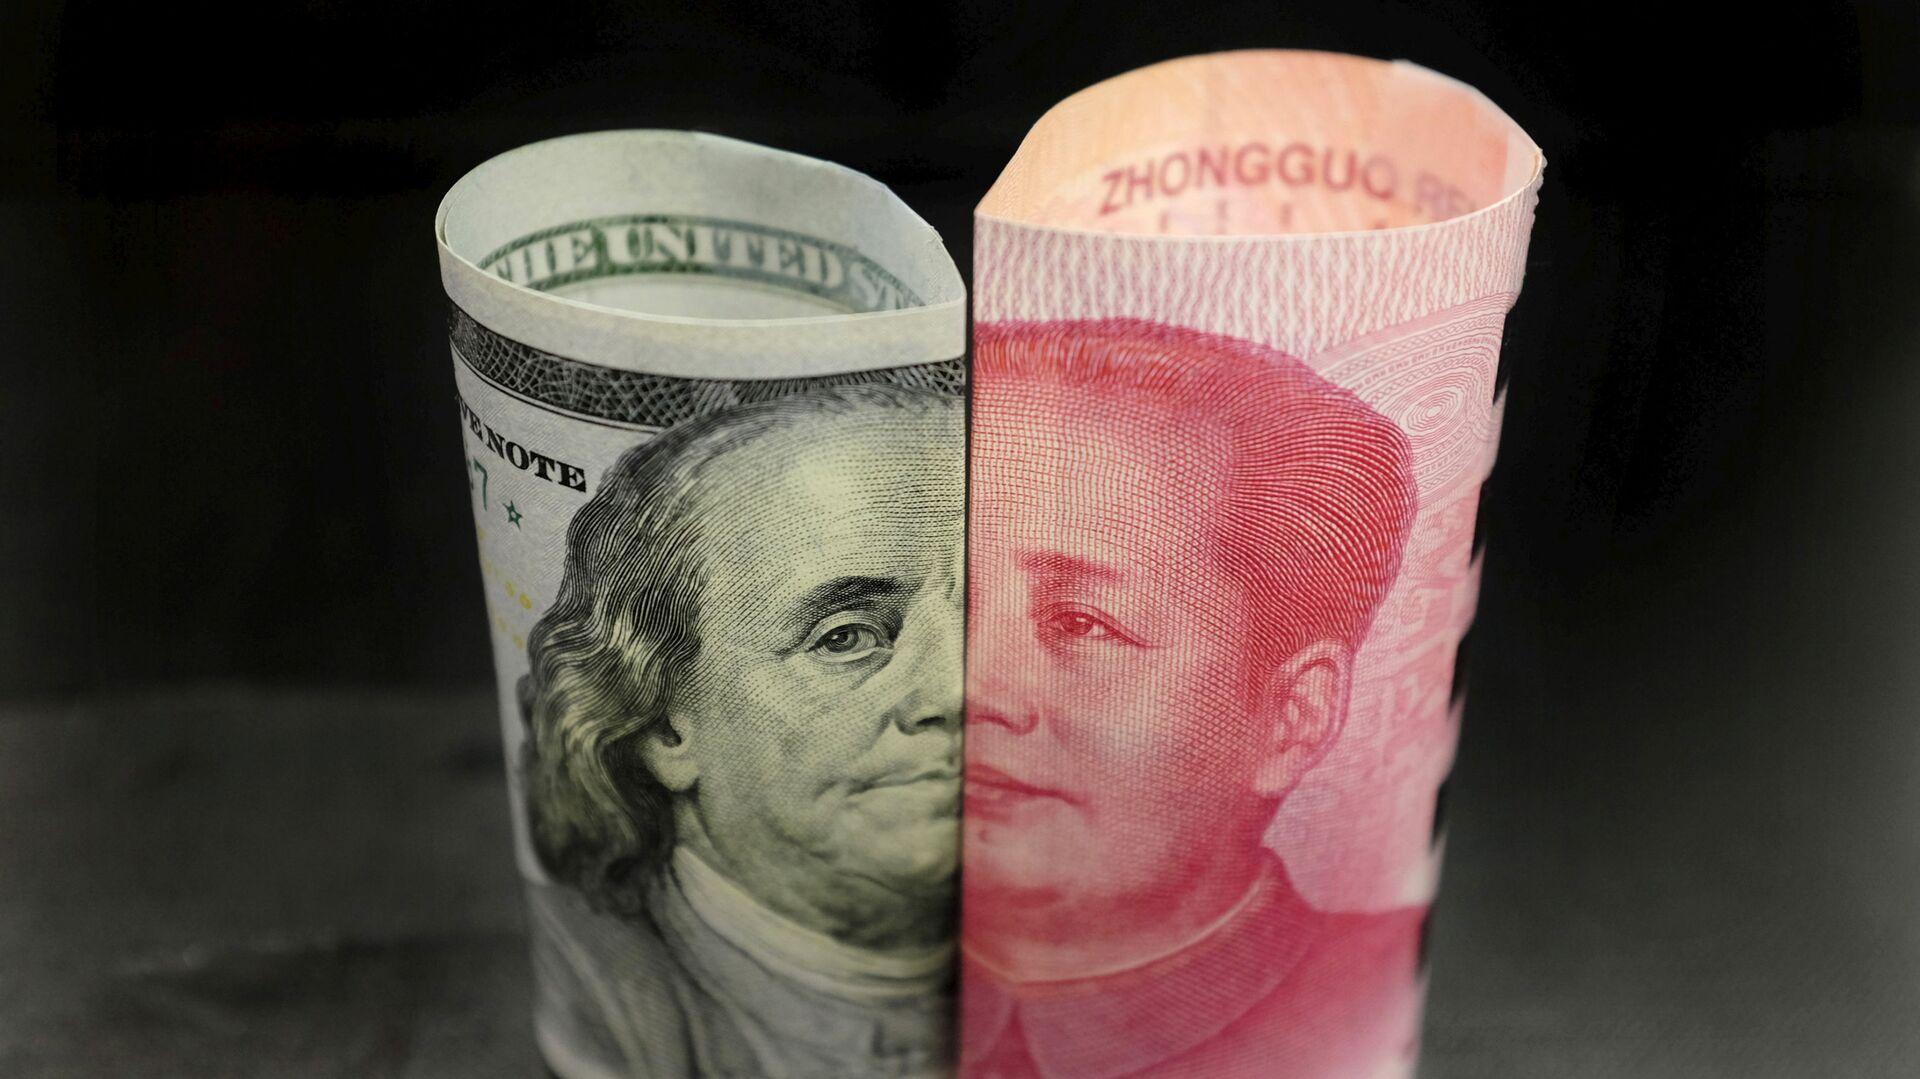 Billetes de 100 dólares y 100 yuanes (imagen referencial) - Sputnik Mundo, 1920, 28.02.2021